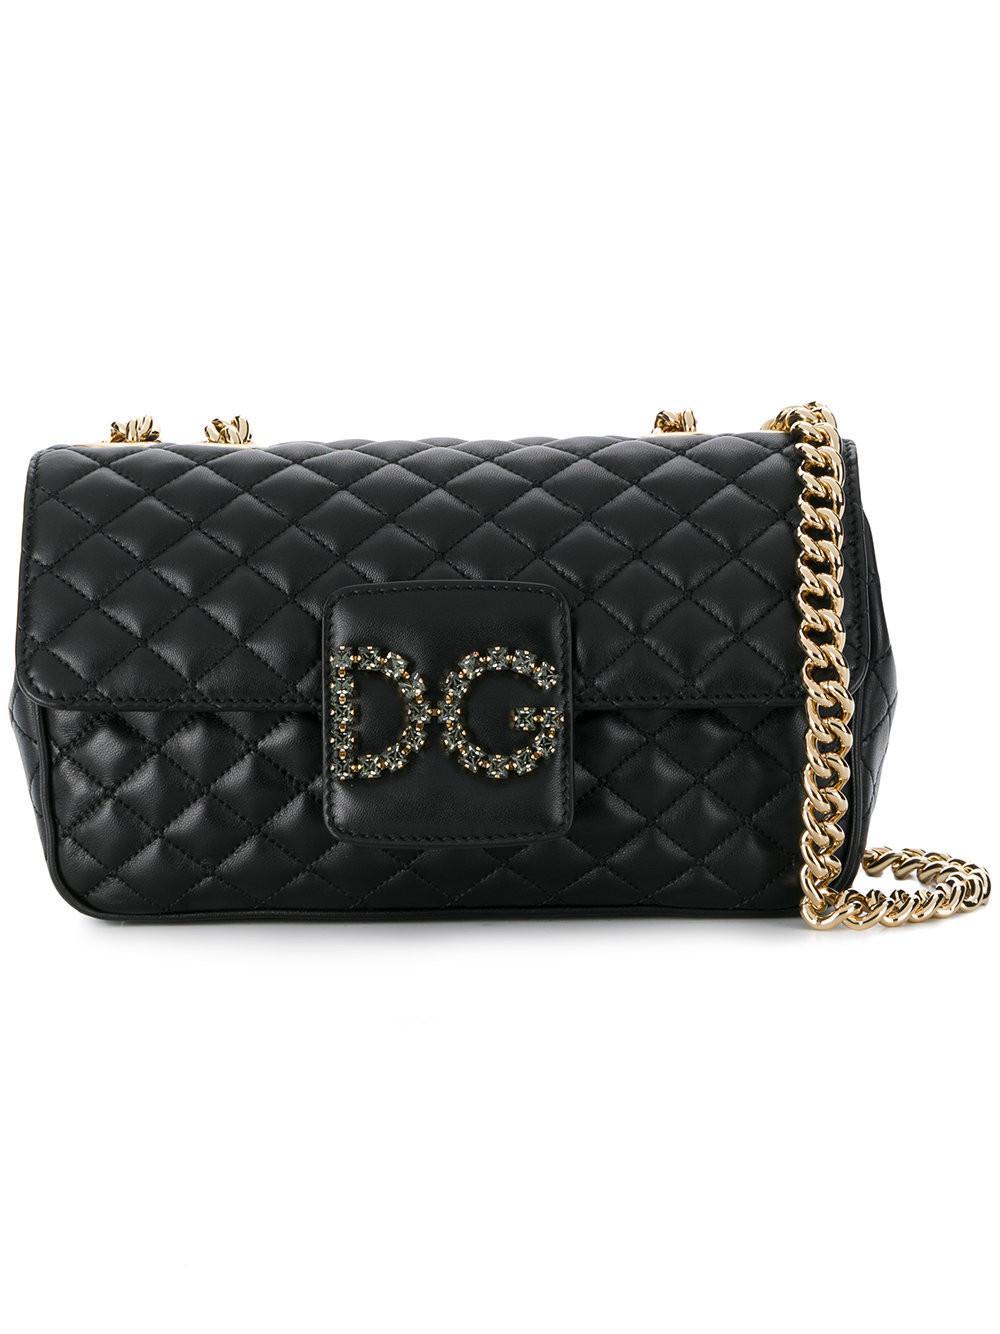 ede3b6da50d6 Dolce   Gabbana Quilted Logo Shoulder Bag in Black - Save ...